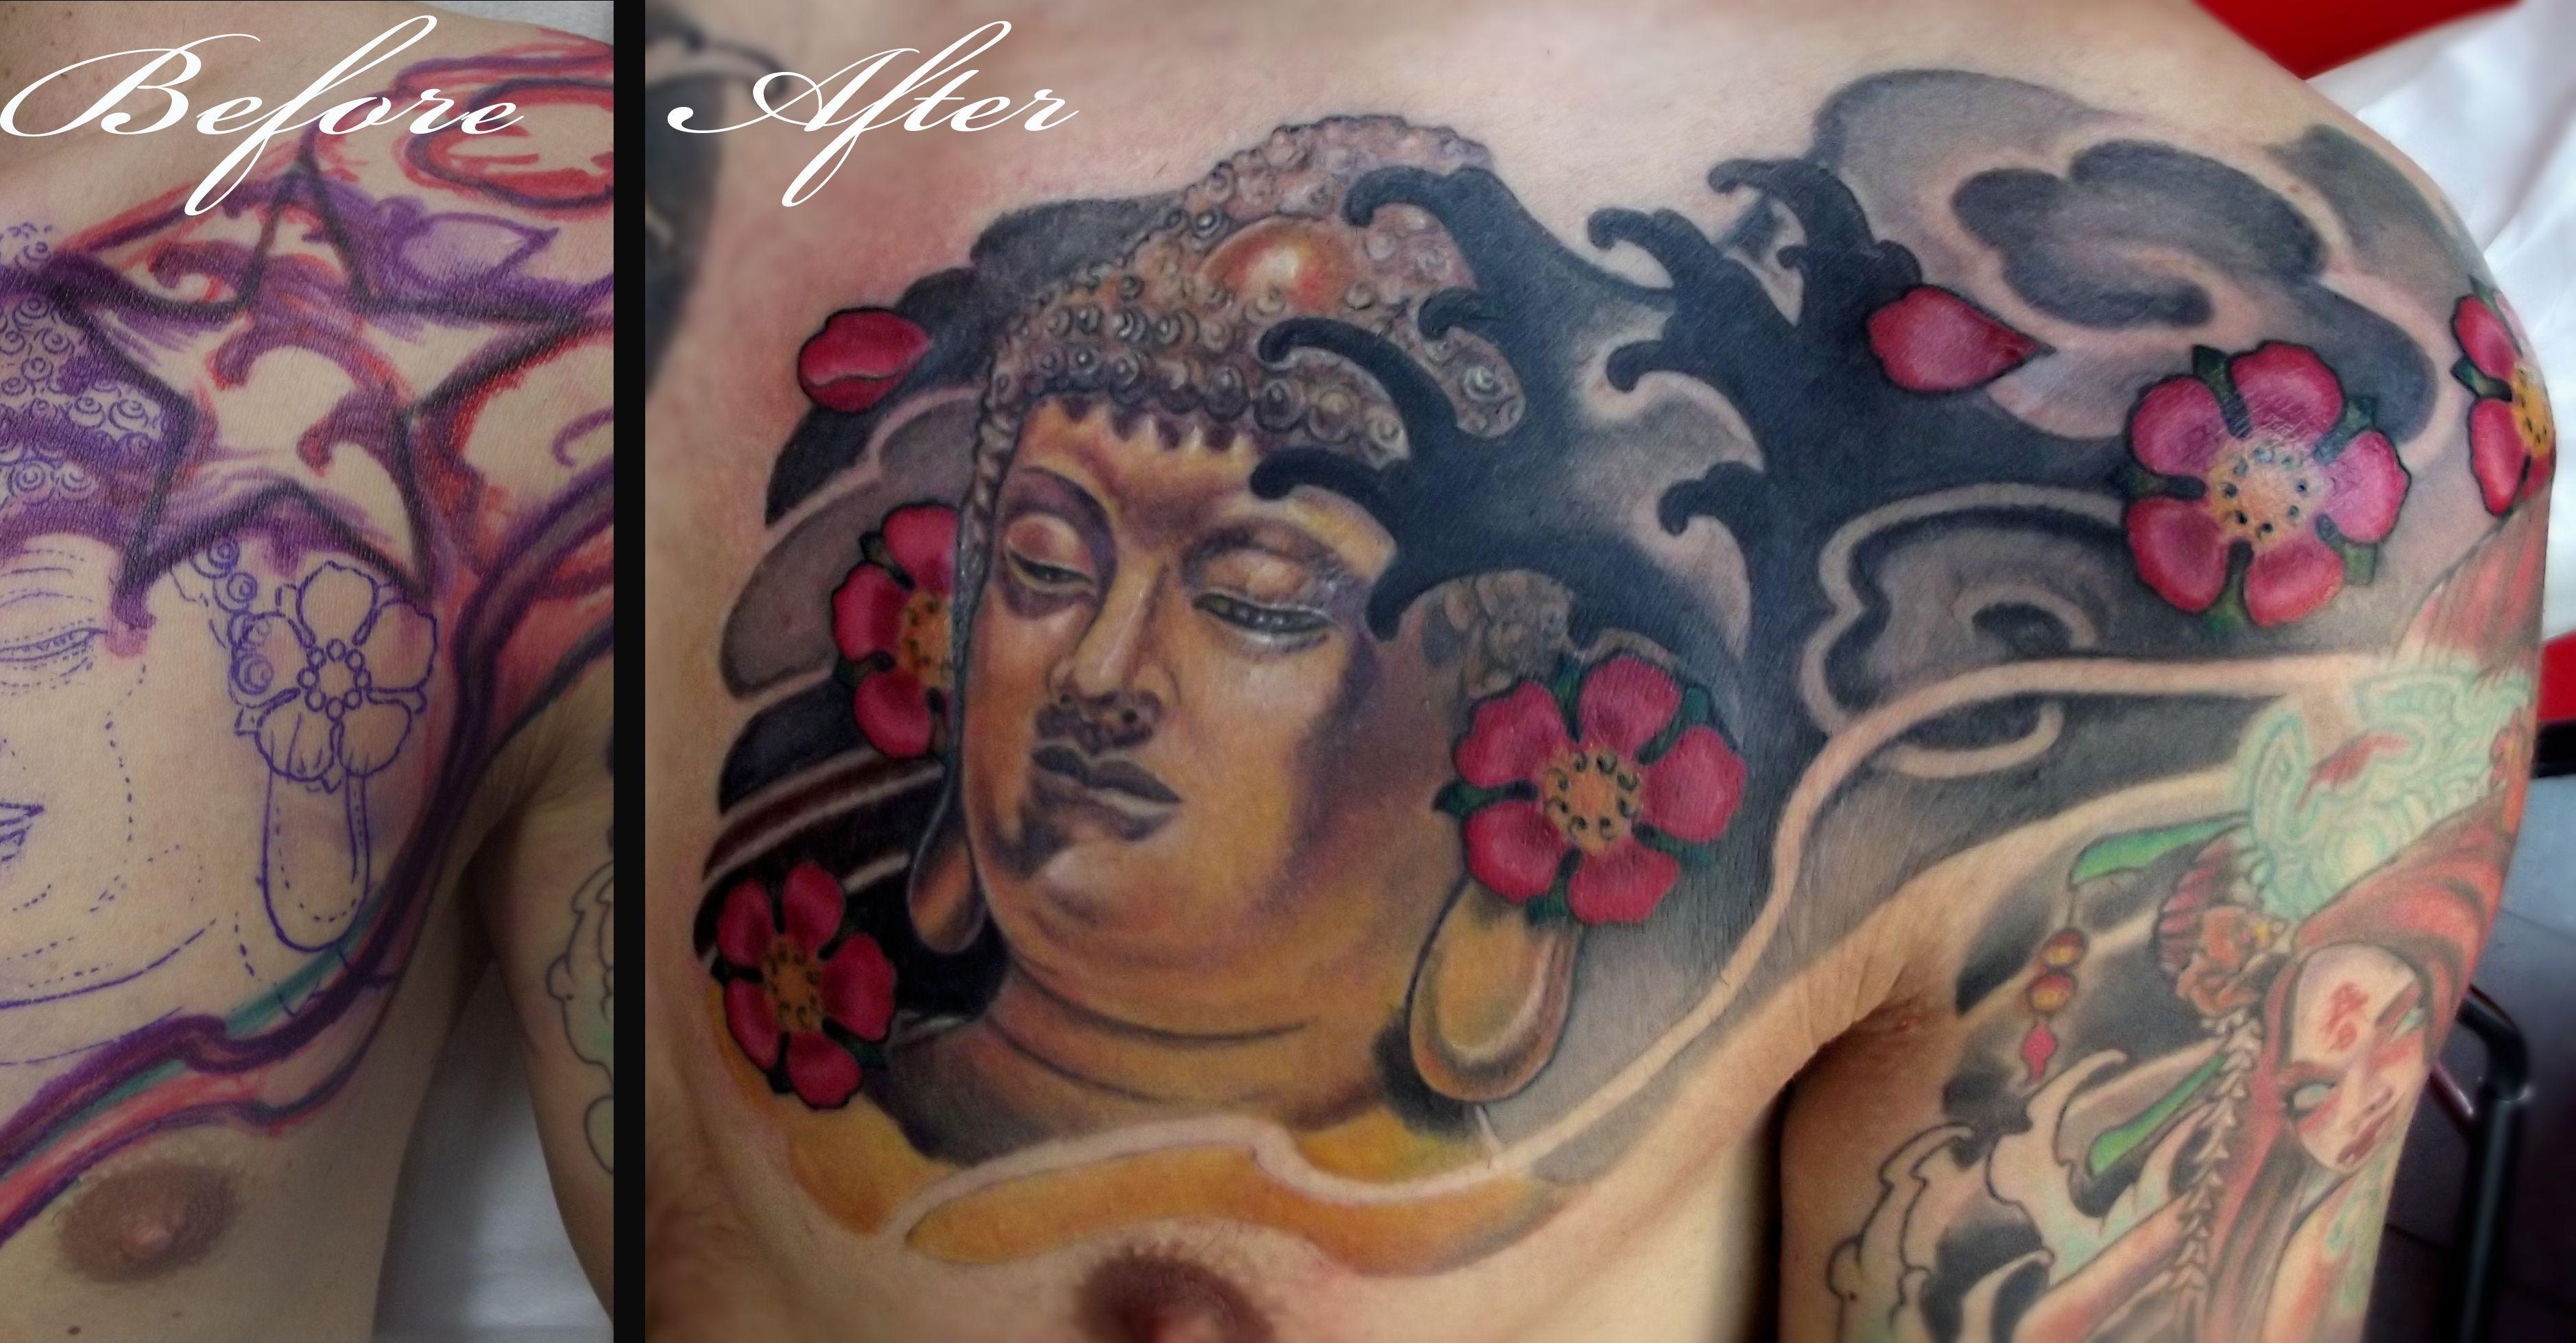 debae84ce www.ettore-bechis.com Best Miami tattoo shop Buddha,tattoo parlor designs, tattoos by design,realistic tattoo,buy tattoo design,design my tattoo,tattoo  shop ...